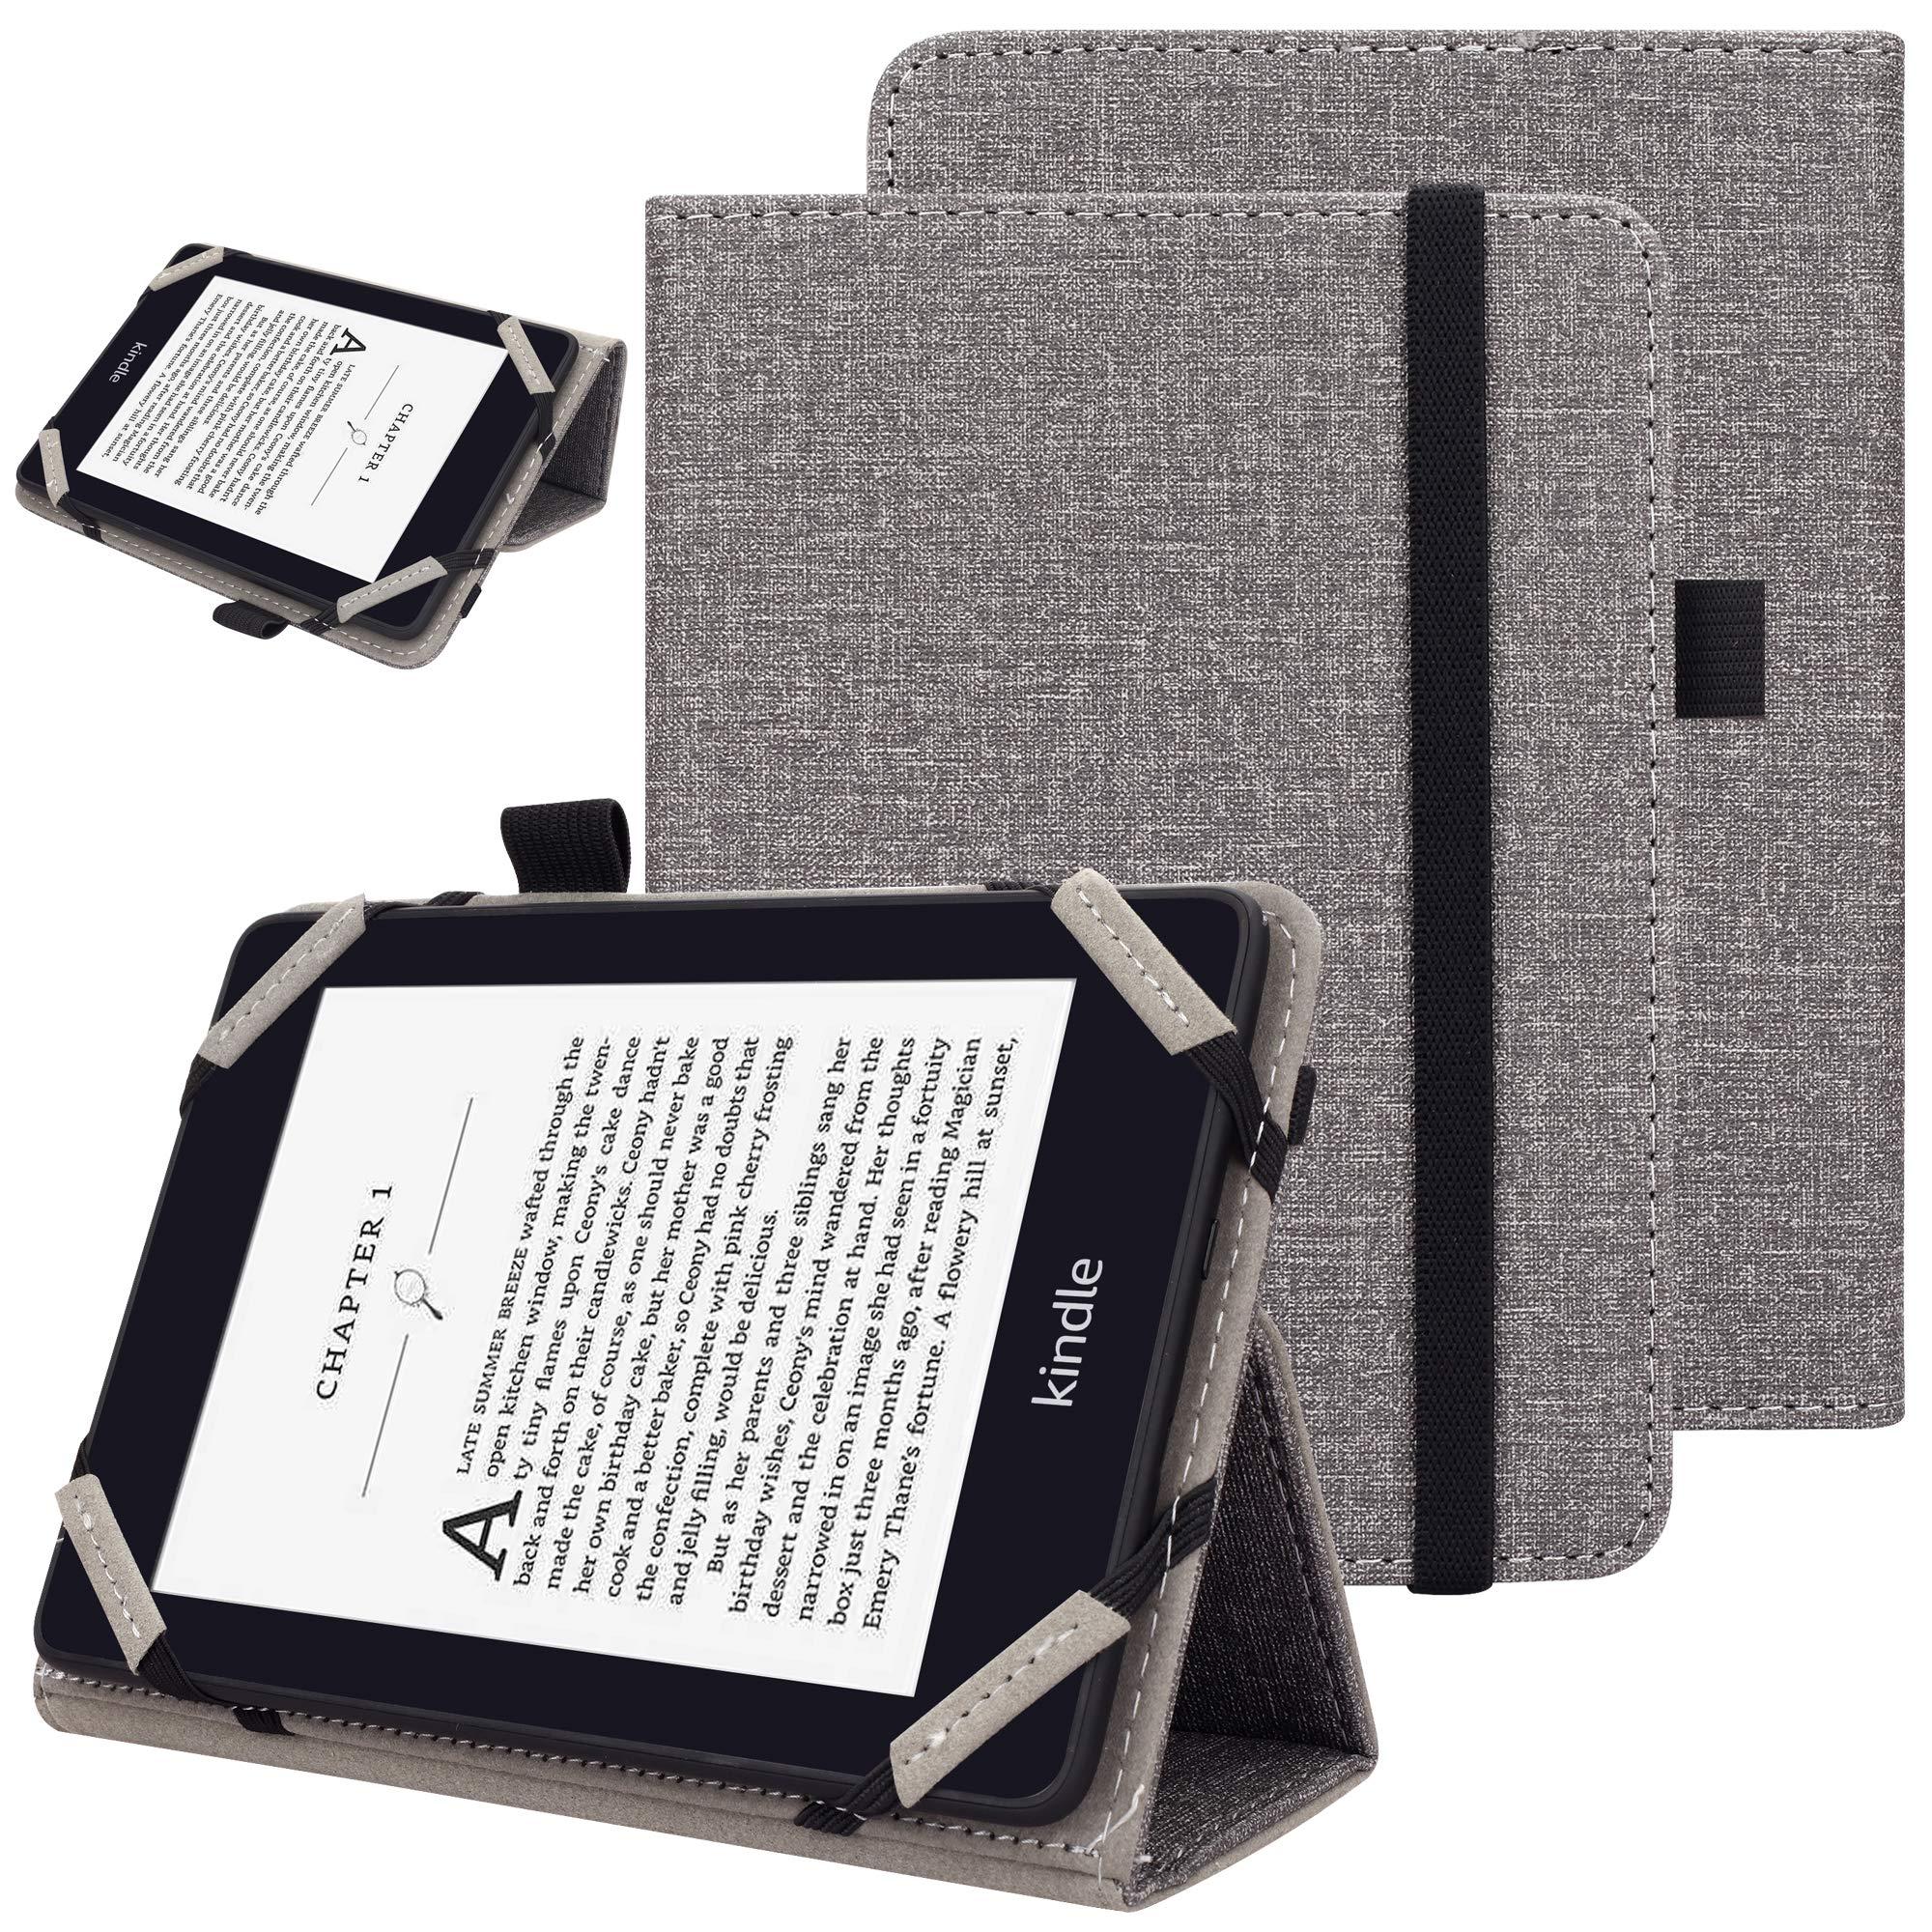 VOVIPO Funda Universal Compatible con Ereader de 6 Pulgadas para Kobo Kindle Sony Pocketook Tolino Ereader: Amazon.es: Electrónica